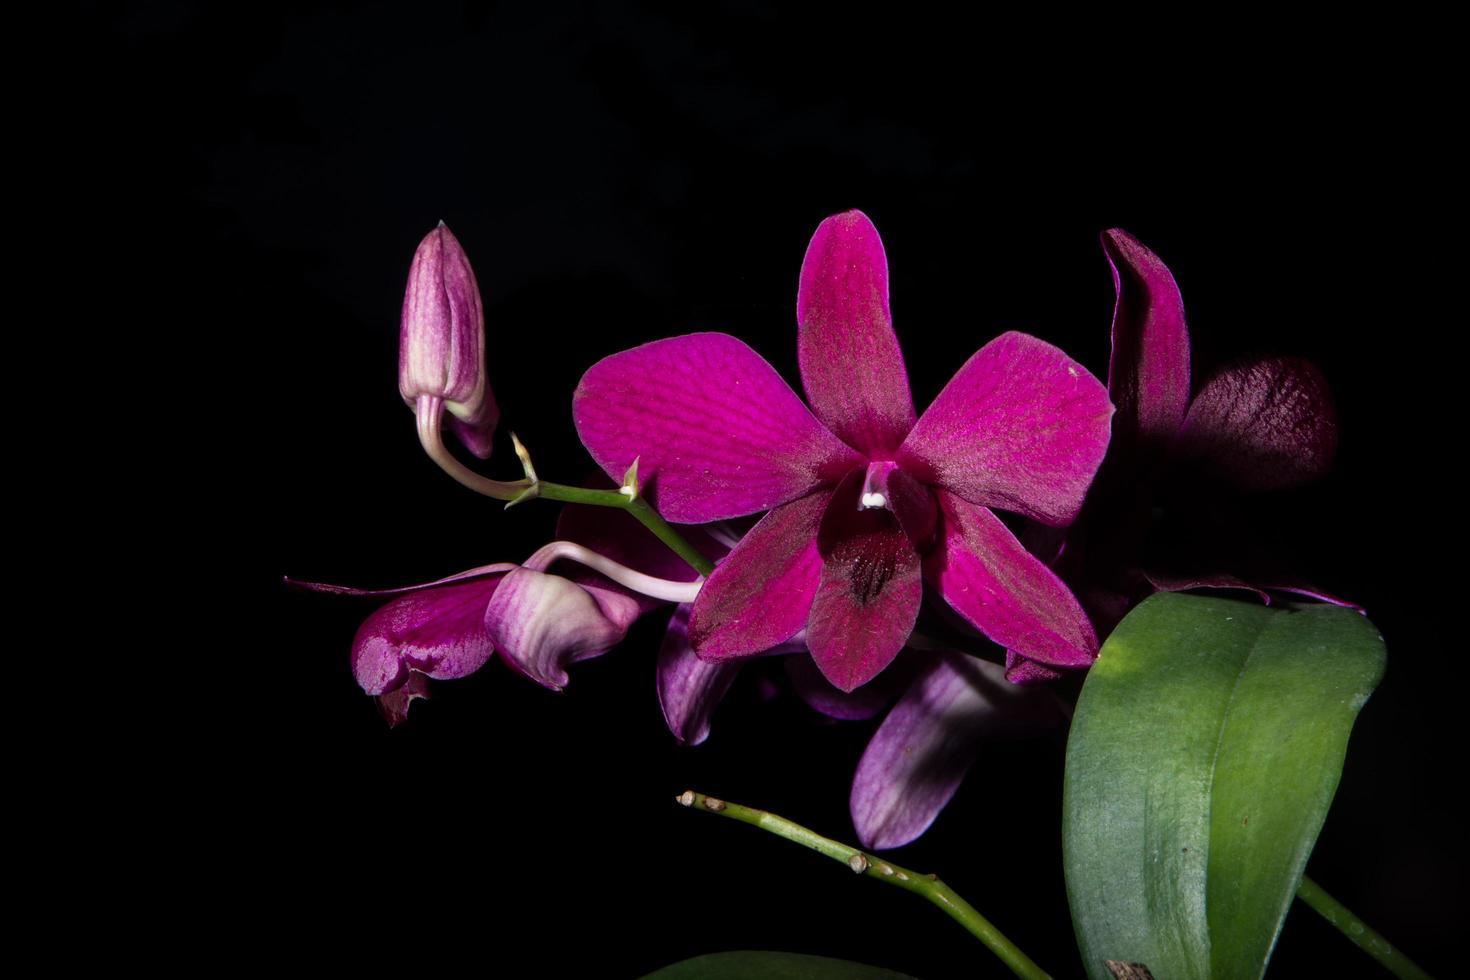 fleurs violettes sur fond noir photo